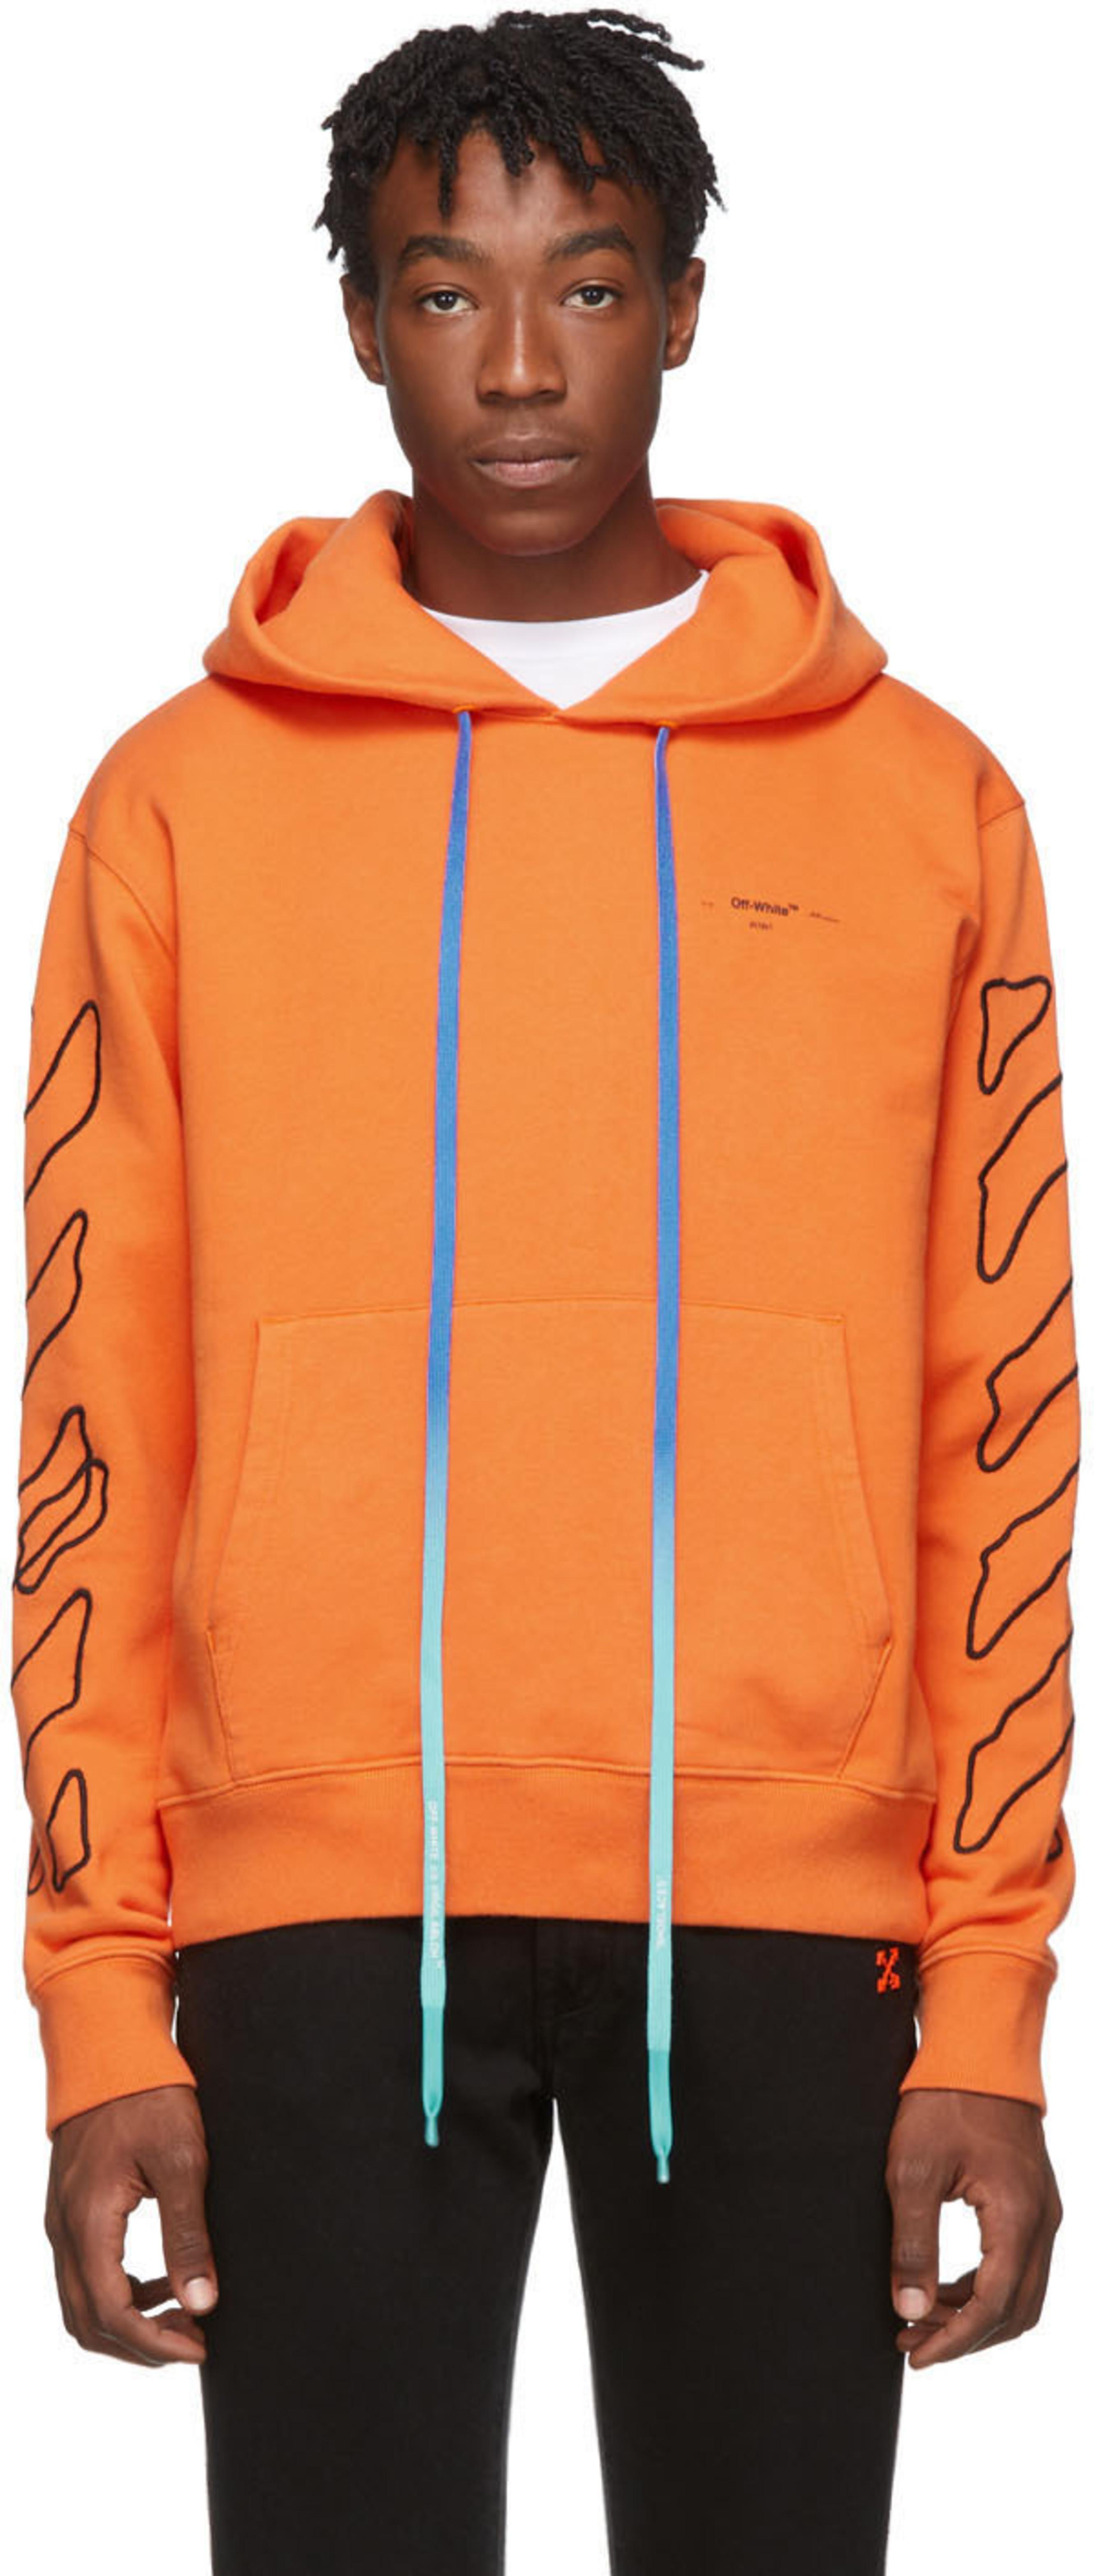 99c7f4545b Orange & Black Abstract Arrows Slim Hoodie